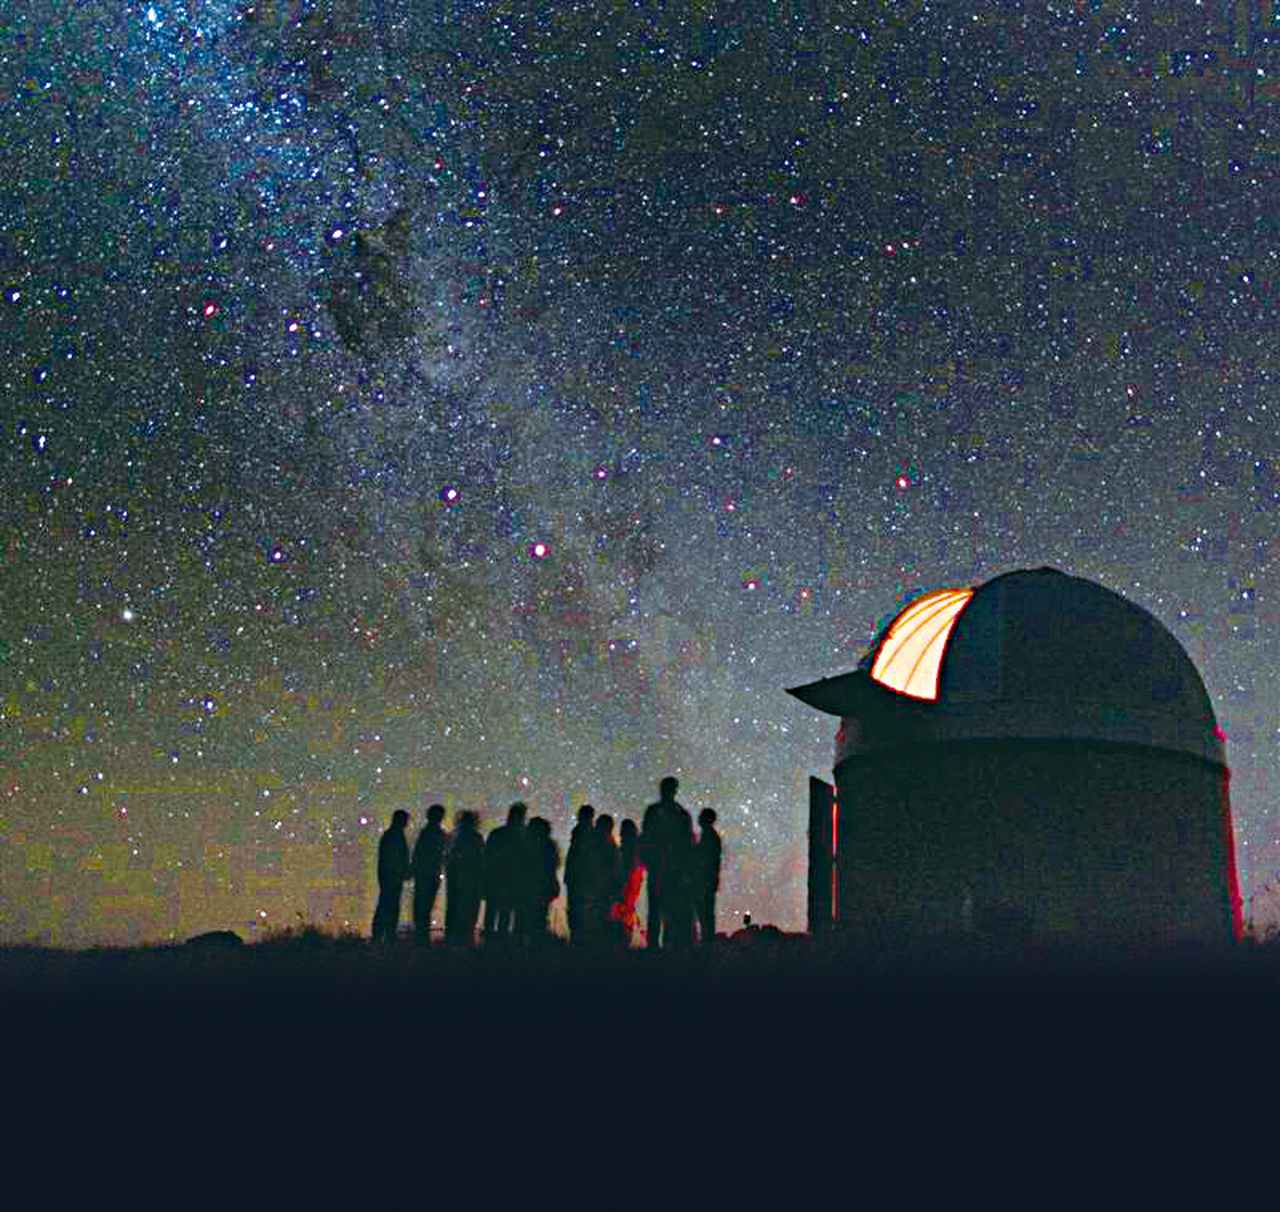 画像: 星空観賞ツアー天文台にて/目線より低い位置にもたくさんの星がご覧いただけます(イメージ) ※この写真の中には「逆さまの南十字座(南十字星)」が映ってますよ〜